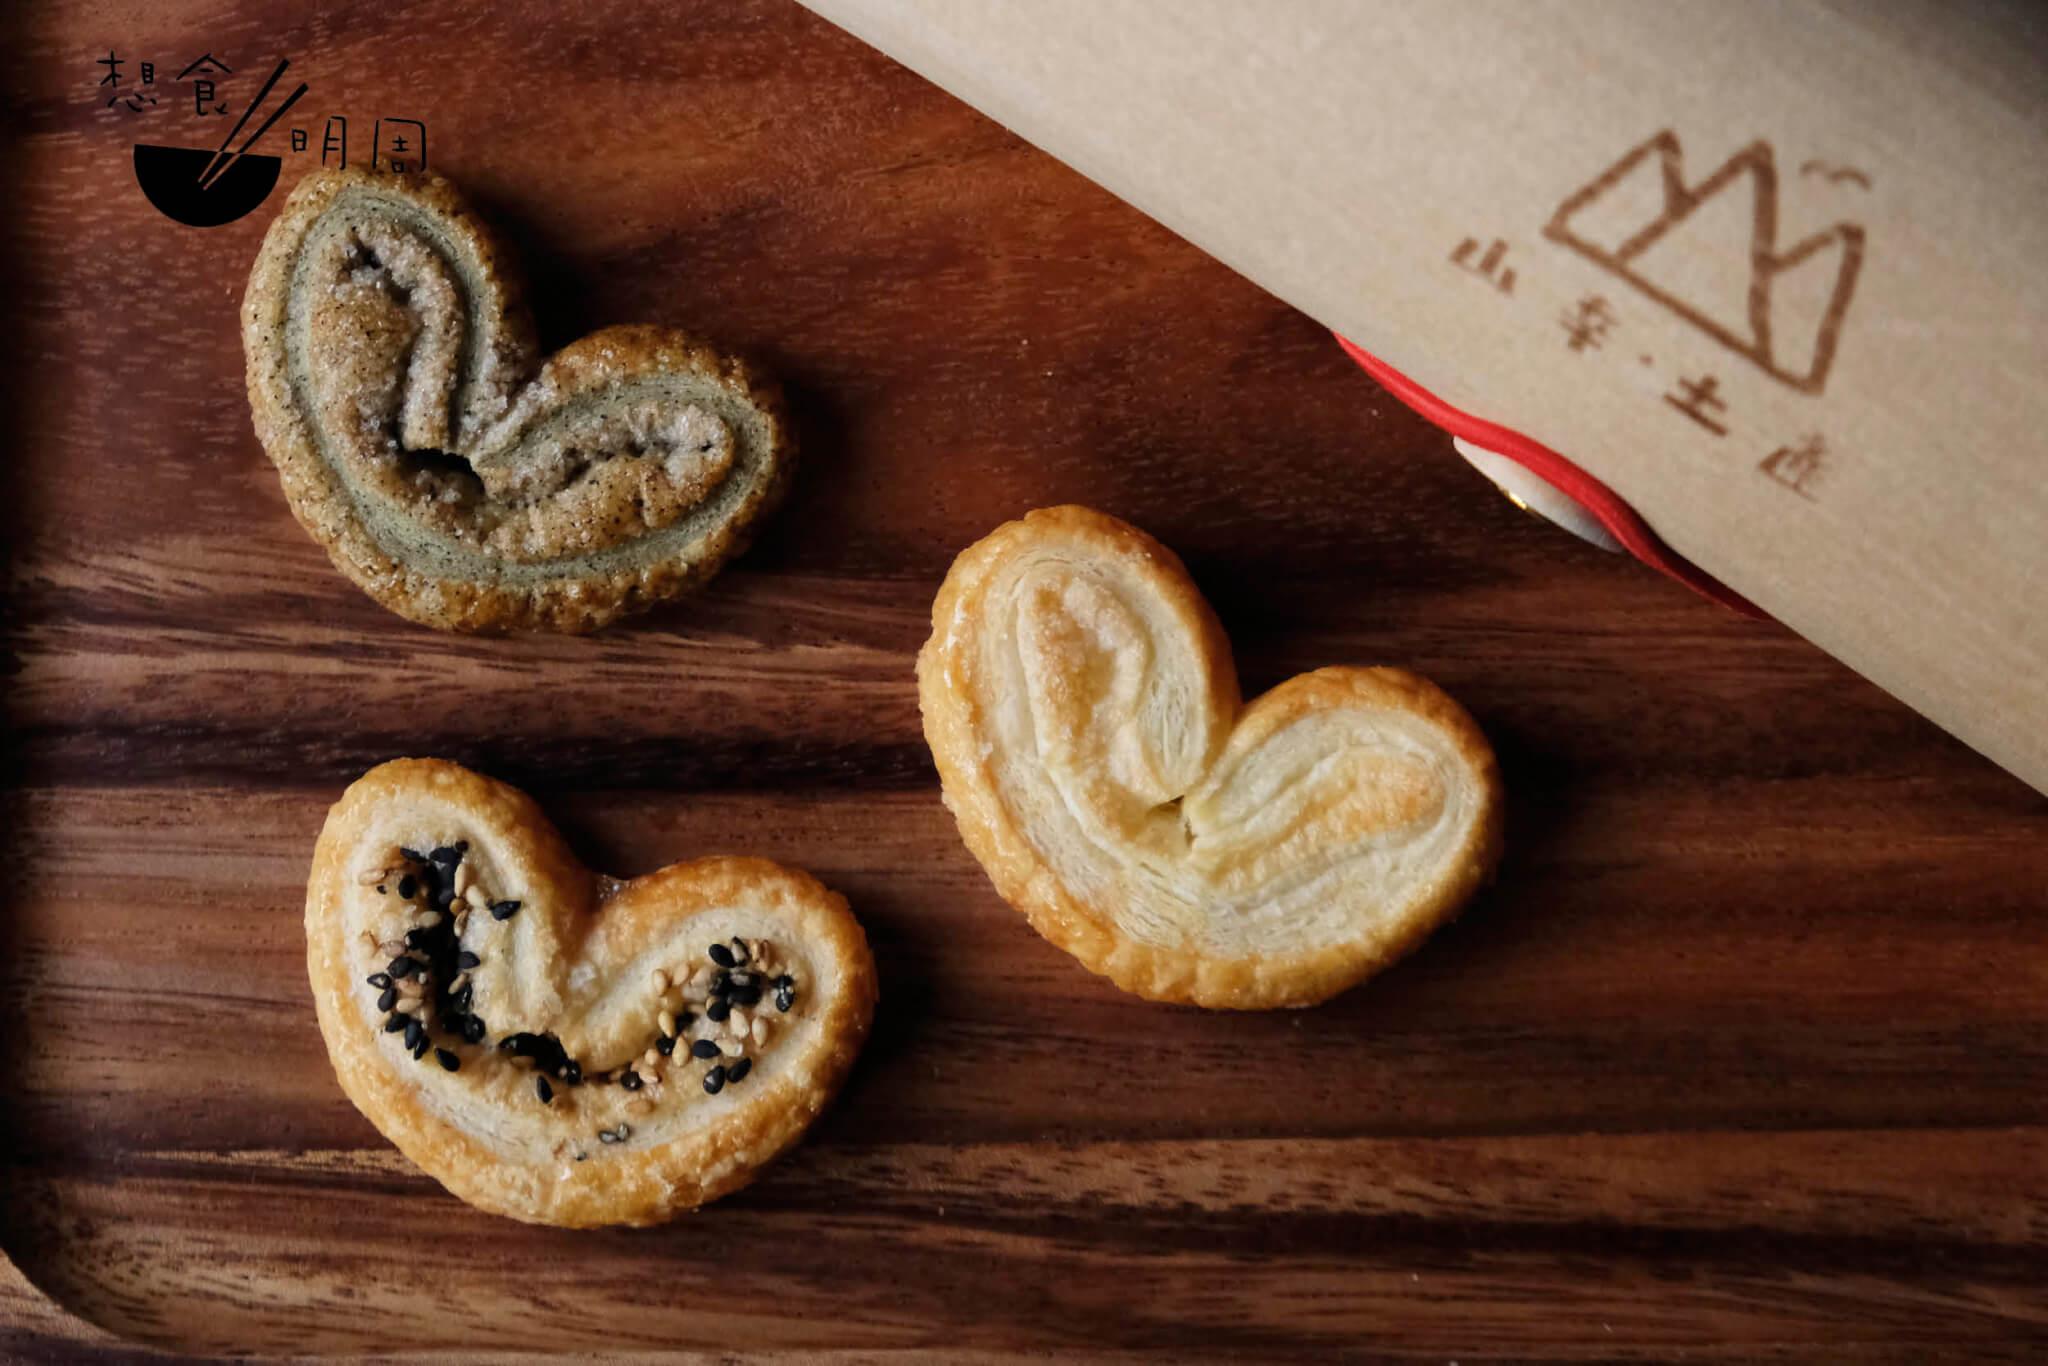 「山幸•土產」蝴蝶酥 // 三款口味包括原味、黑白芝麻和伯爵茶蝴蝶酥($158,約 16-18件 )